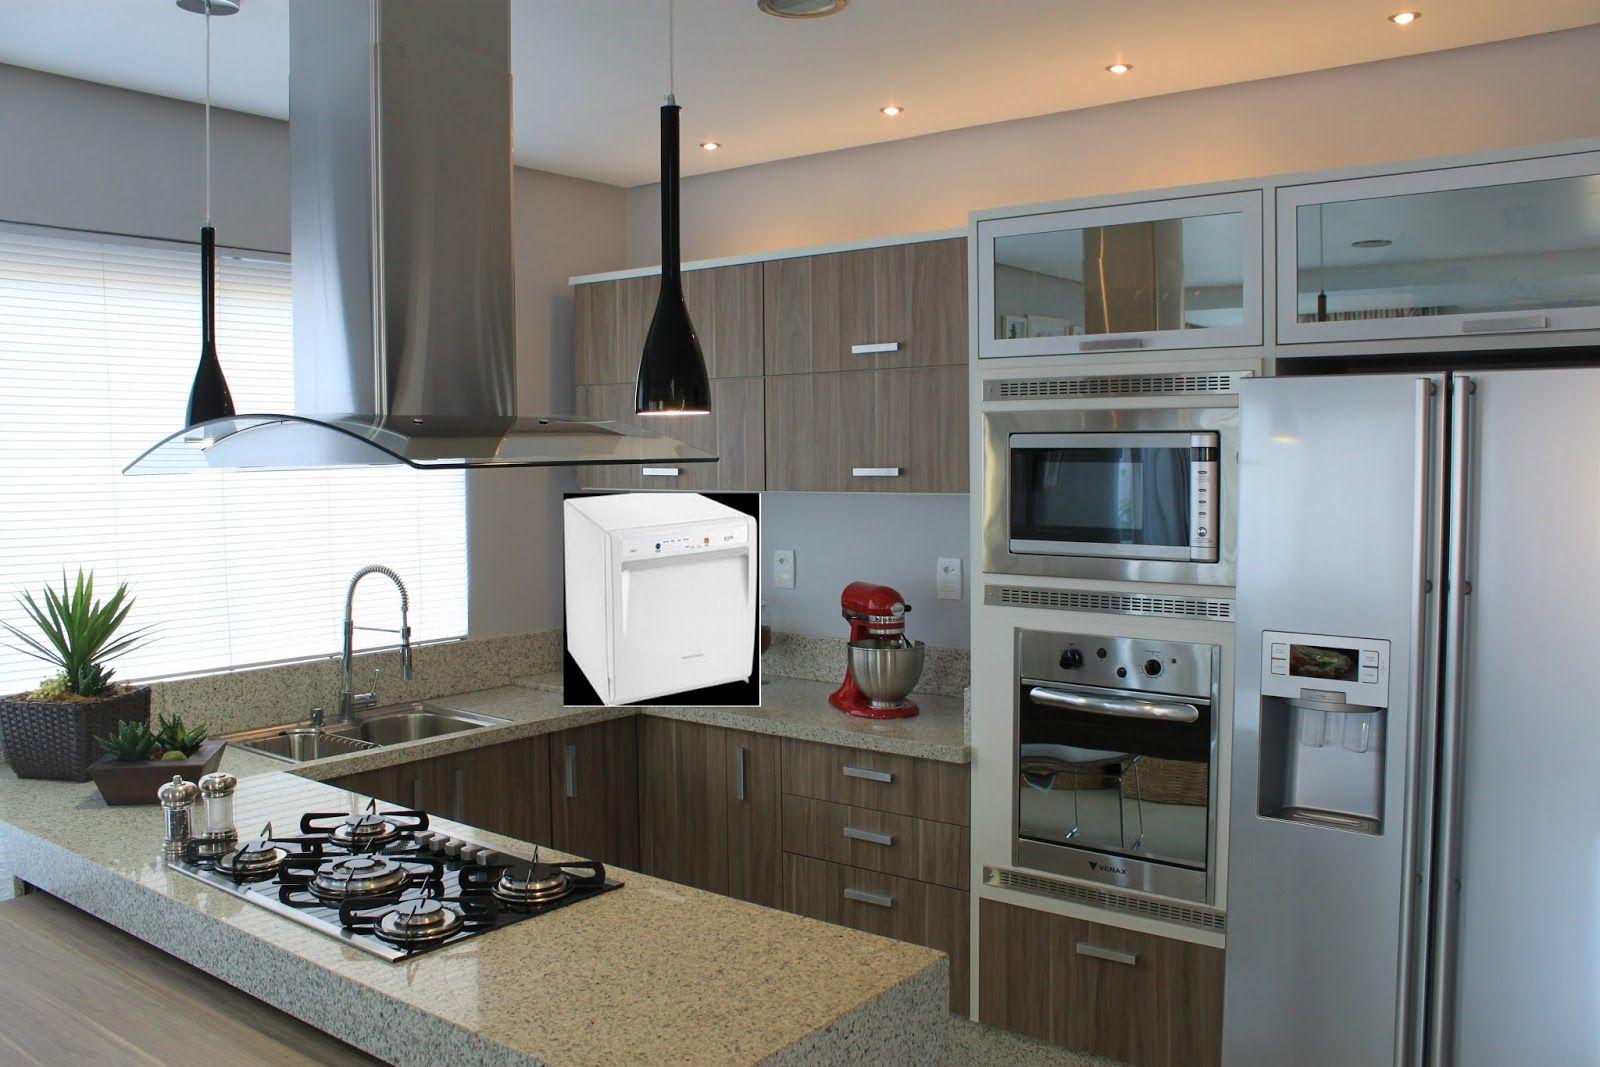 Cozinhas Planejadas Modernas Com Ilhas Cozinhas Planejadas Modernas